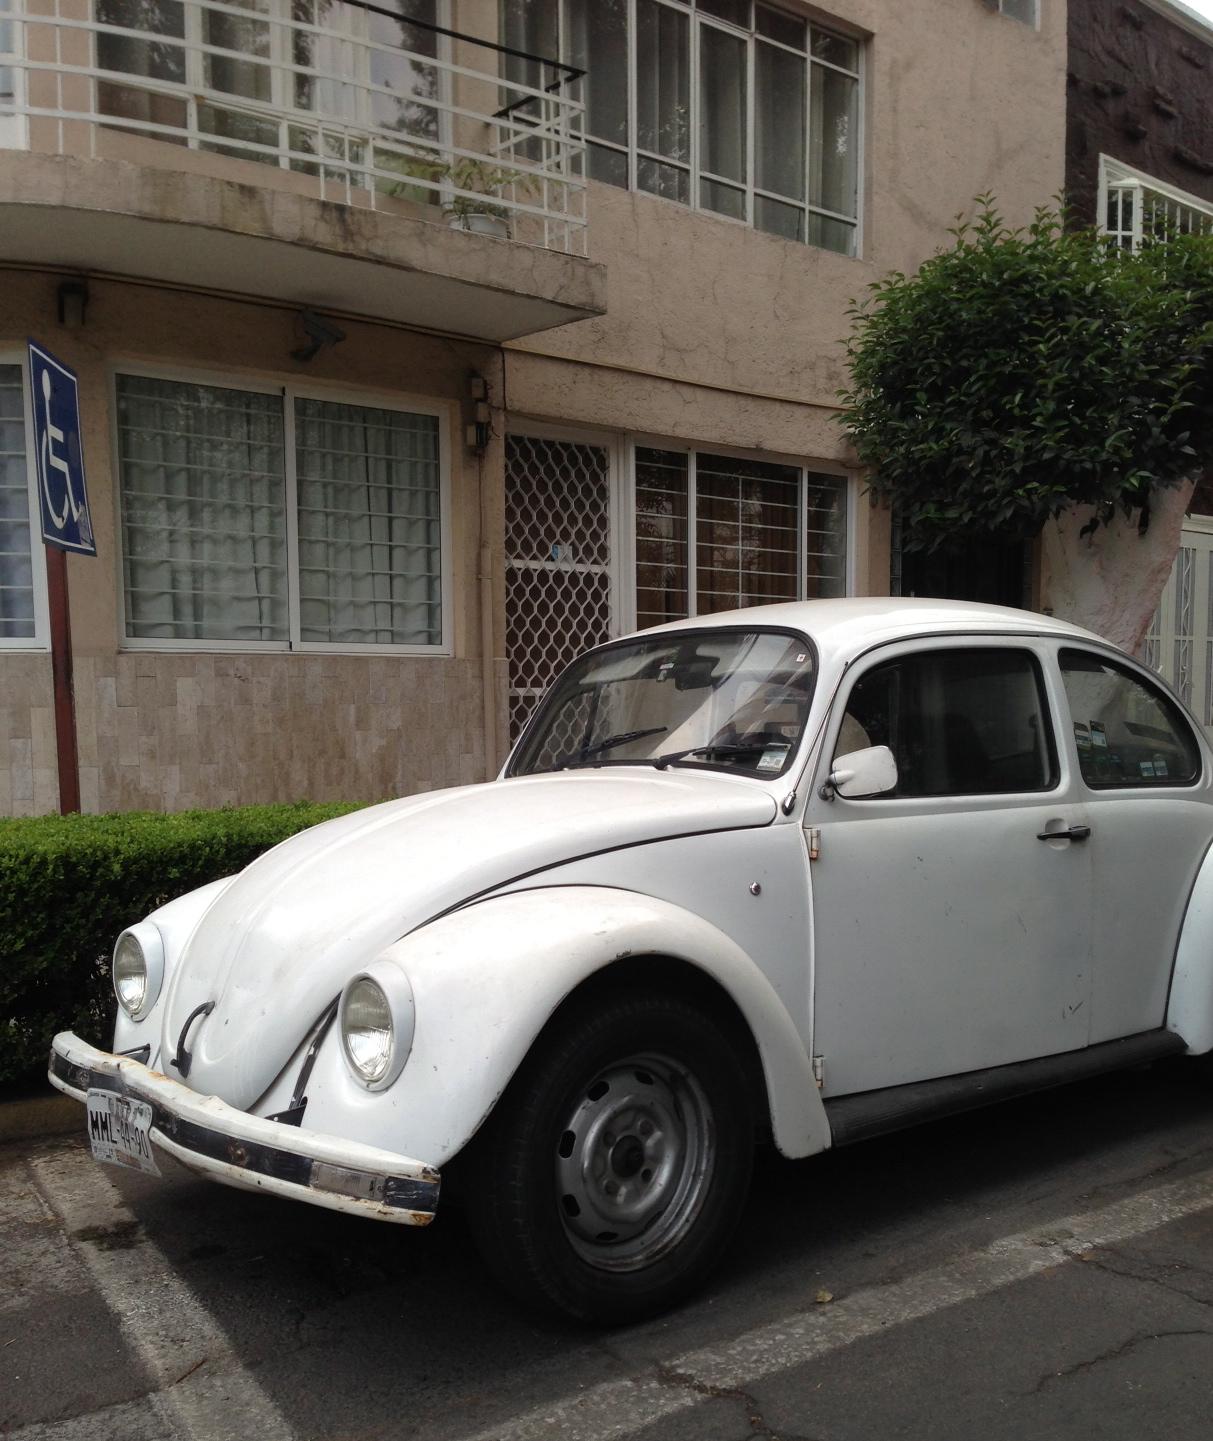 White-Cabana-Mexico-City-Troy-16